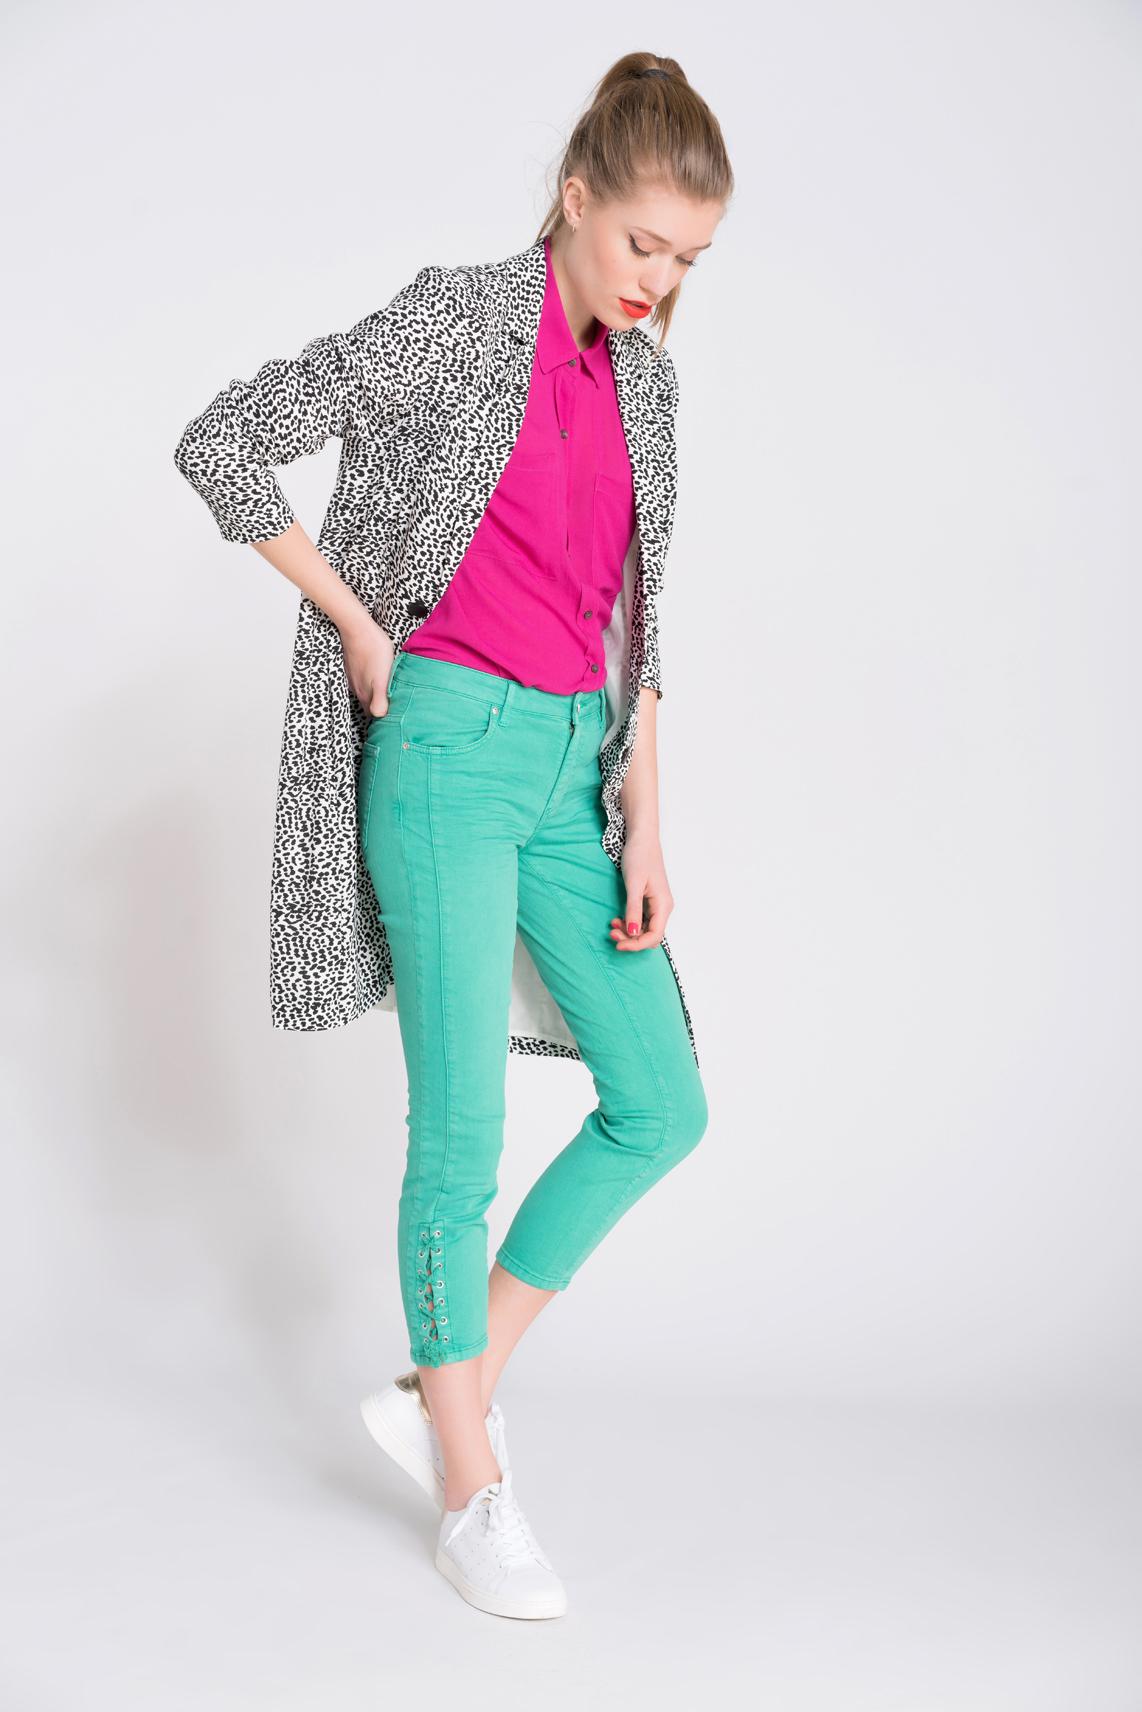 Rosner Dames Antonia jeans met lace-up detail groen